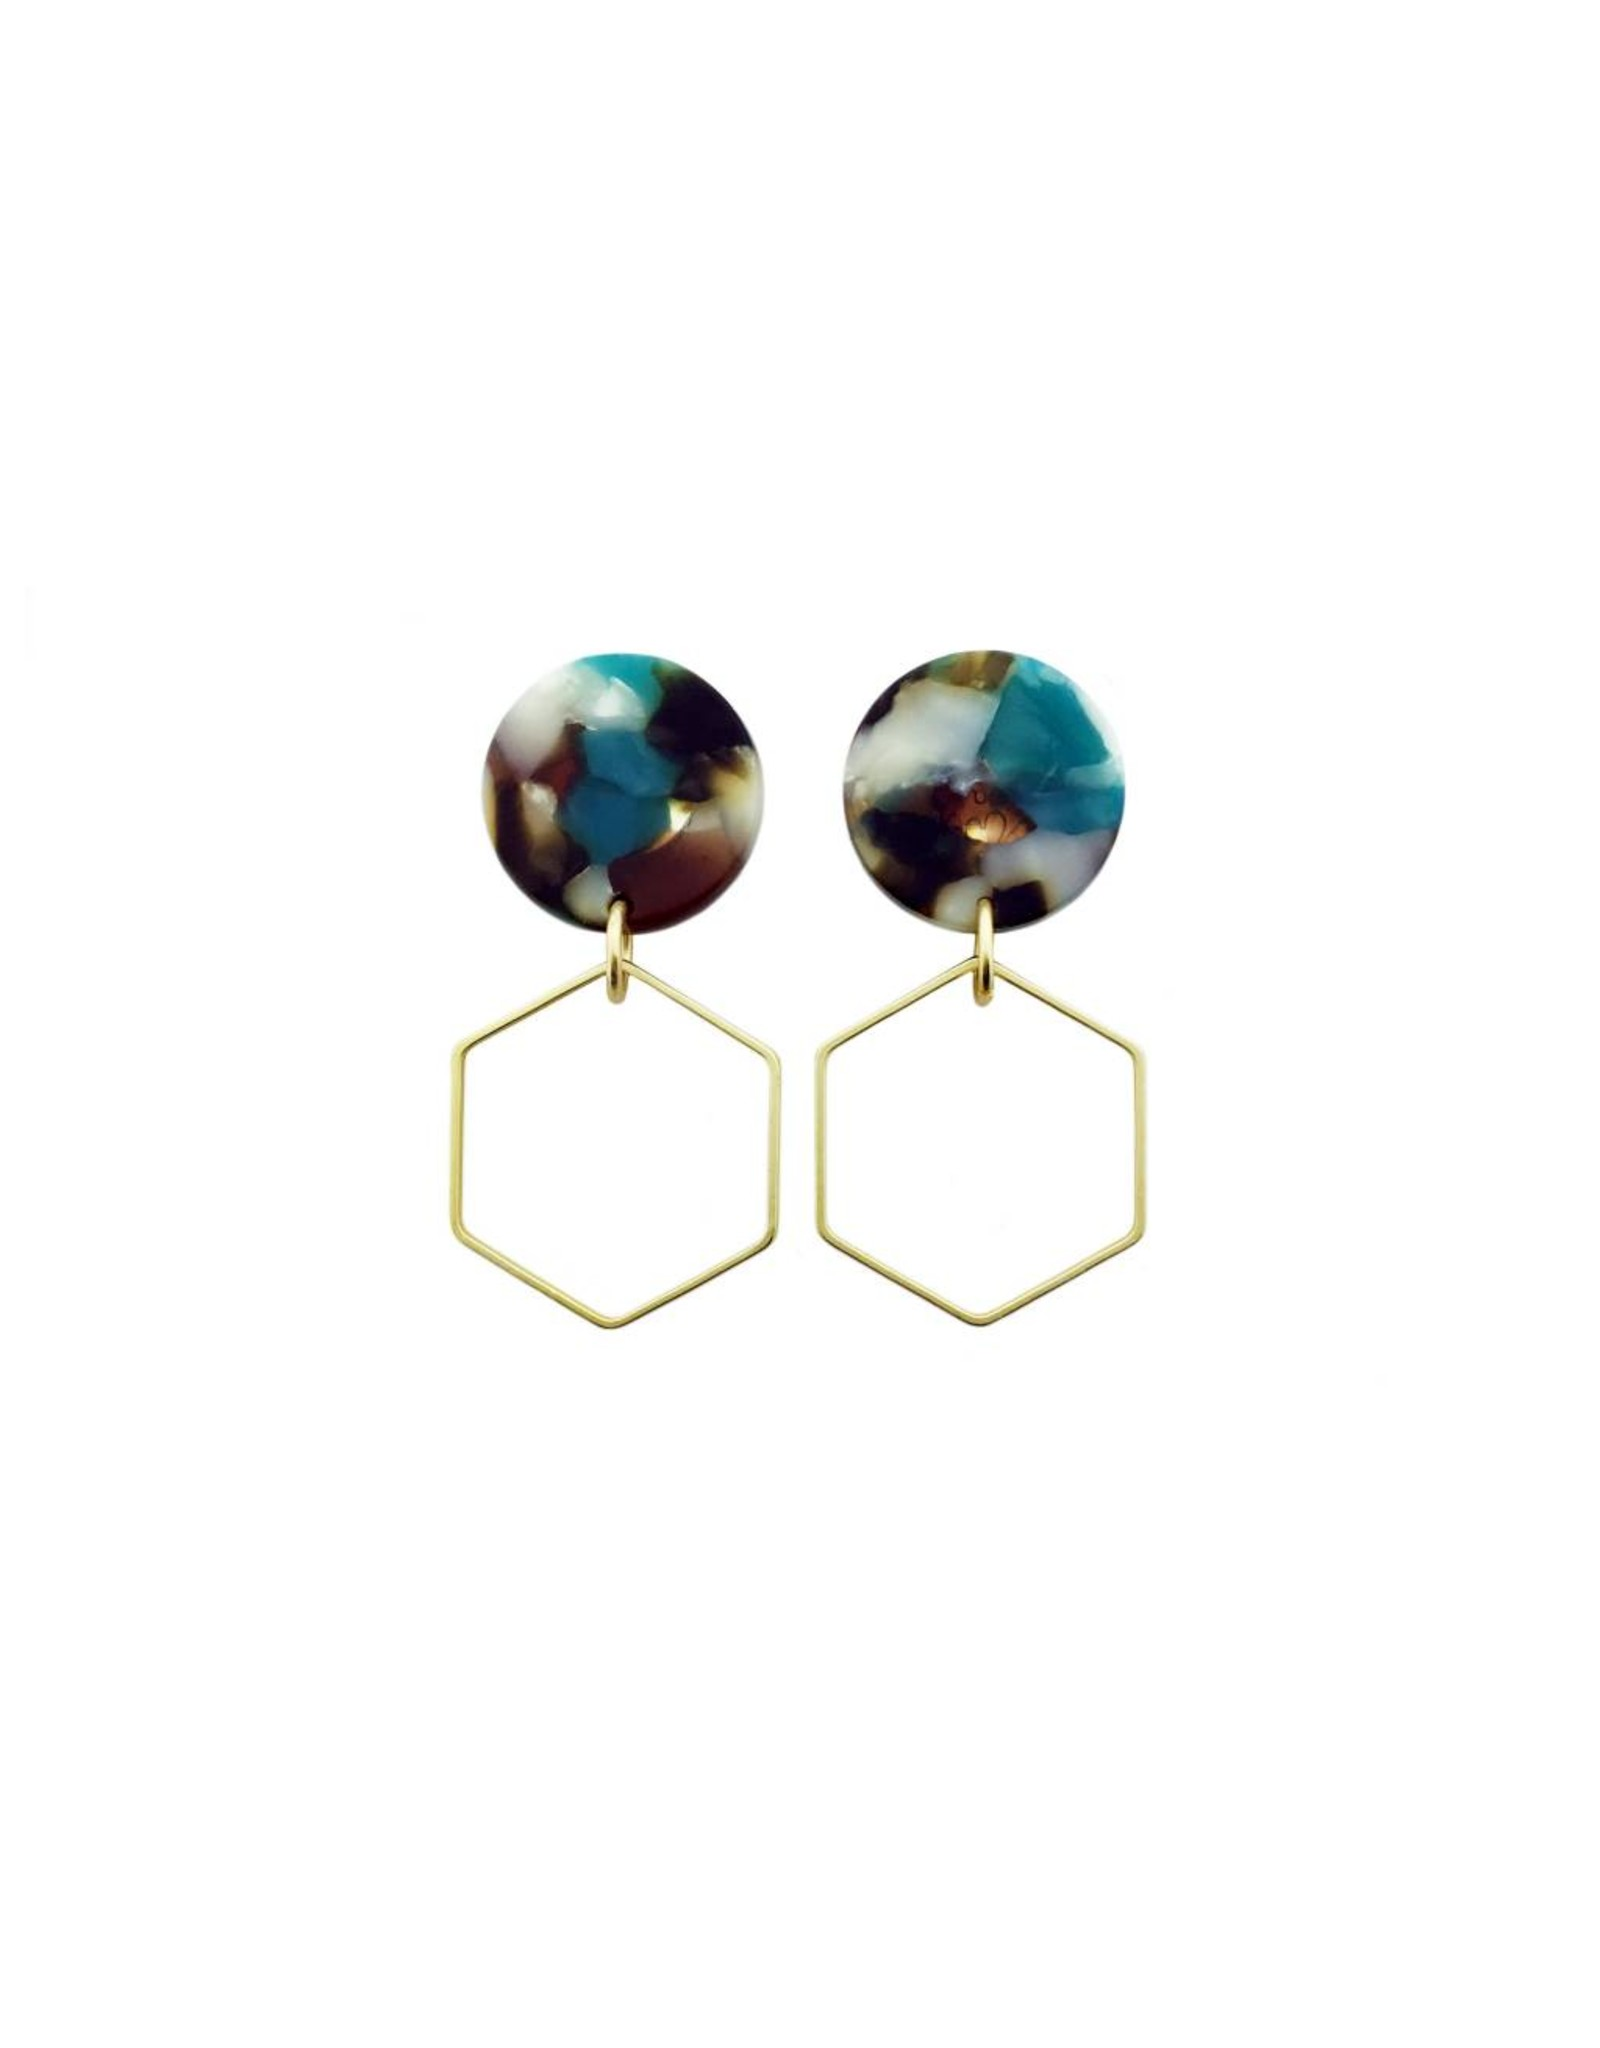 oorbEllen acryl 20mm turquoise zeshoek